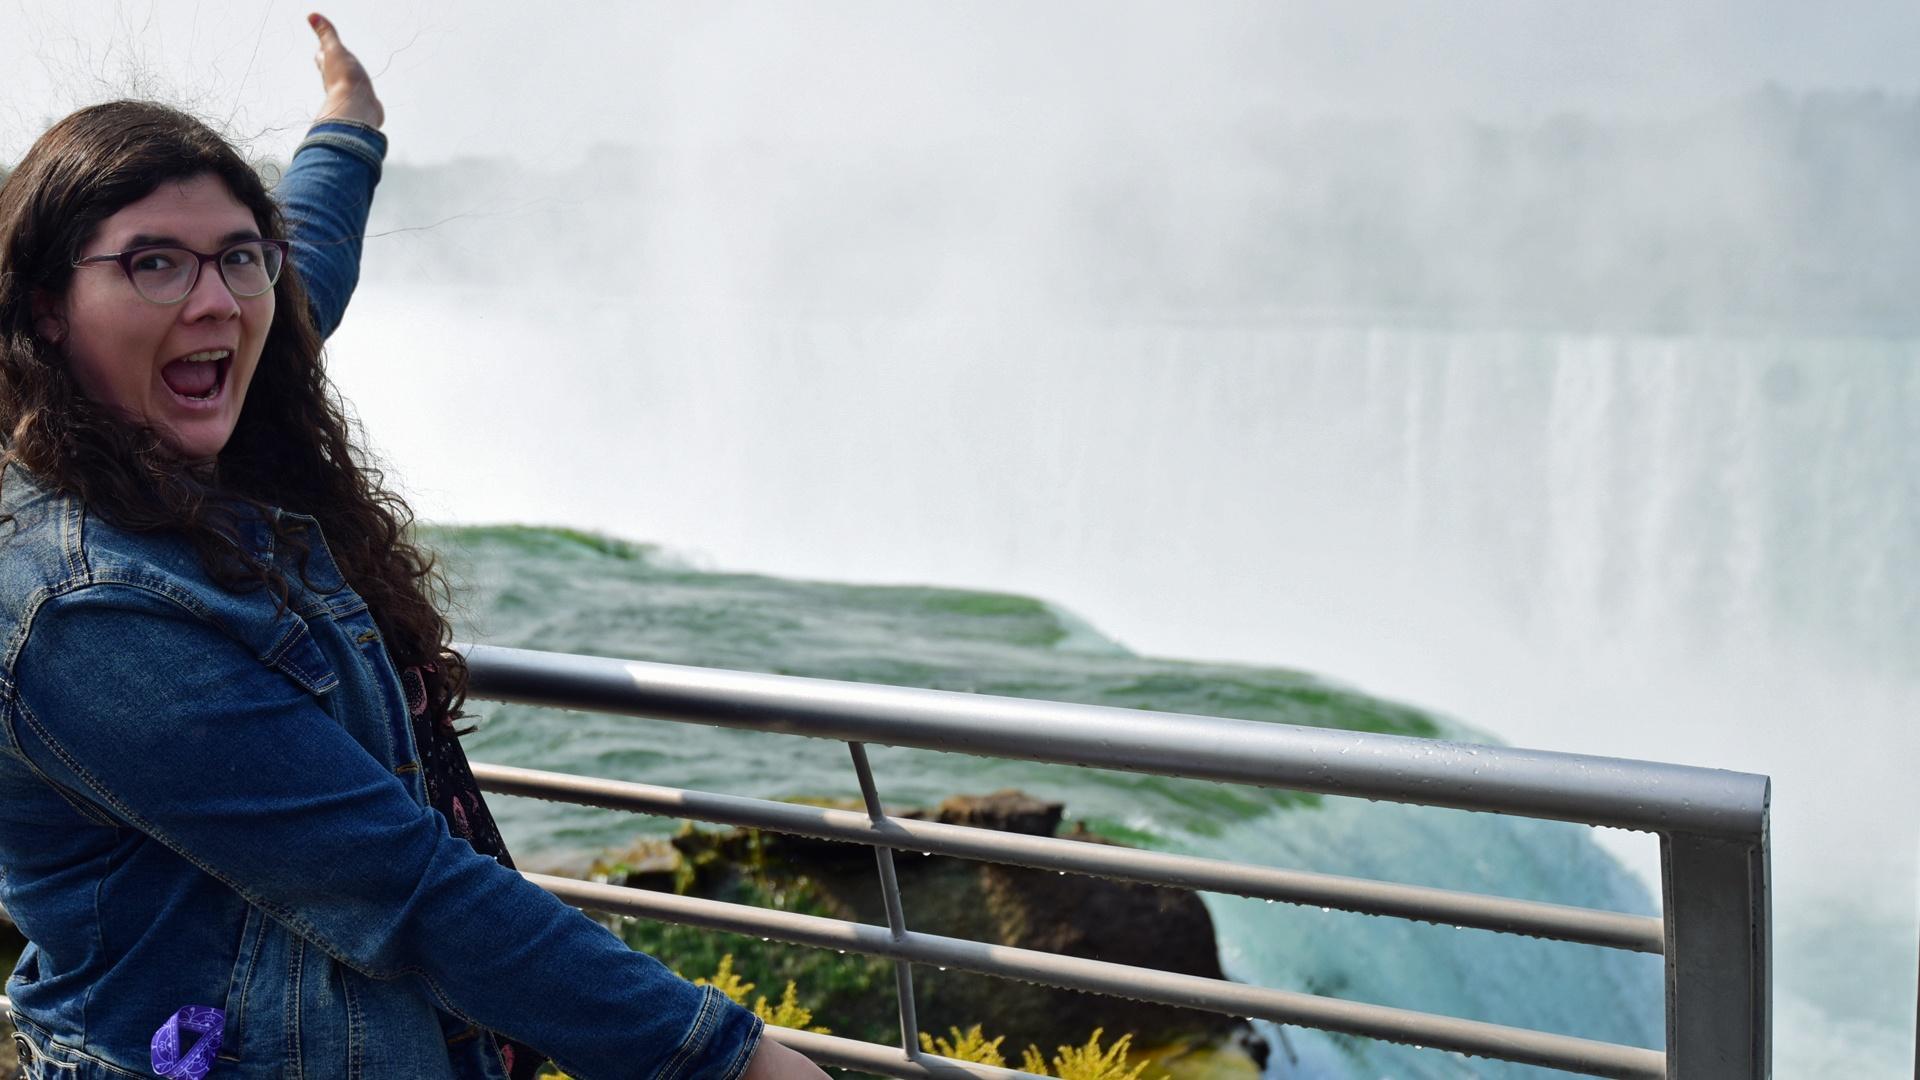 Sarajane Gomlak-Green at Niagara Falls